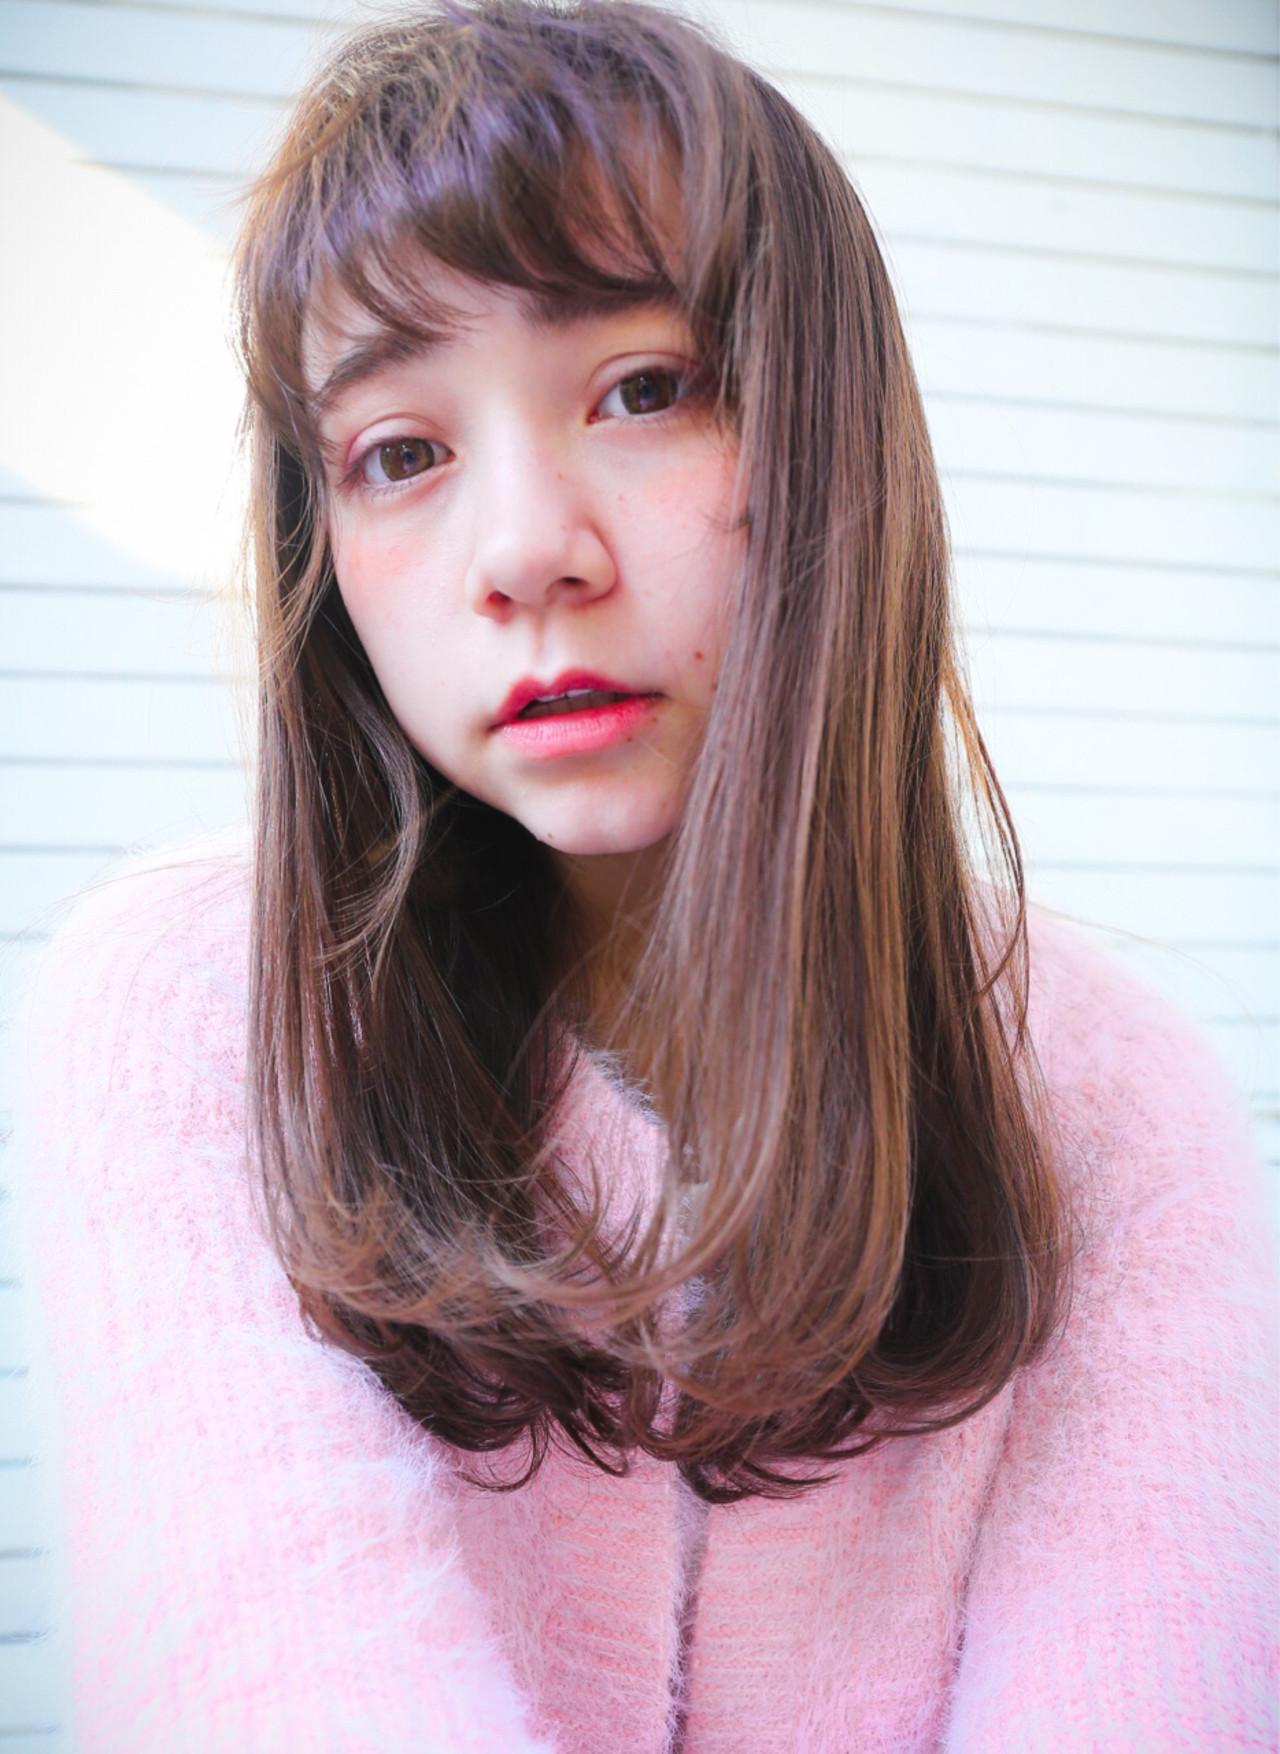 ピュア 前髪あり ガーリー モテ髪 ヘアスタイルや髪型の写真・画像 | 橋本 泰宜 / AWESOME / AWESOME